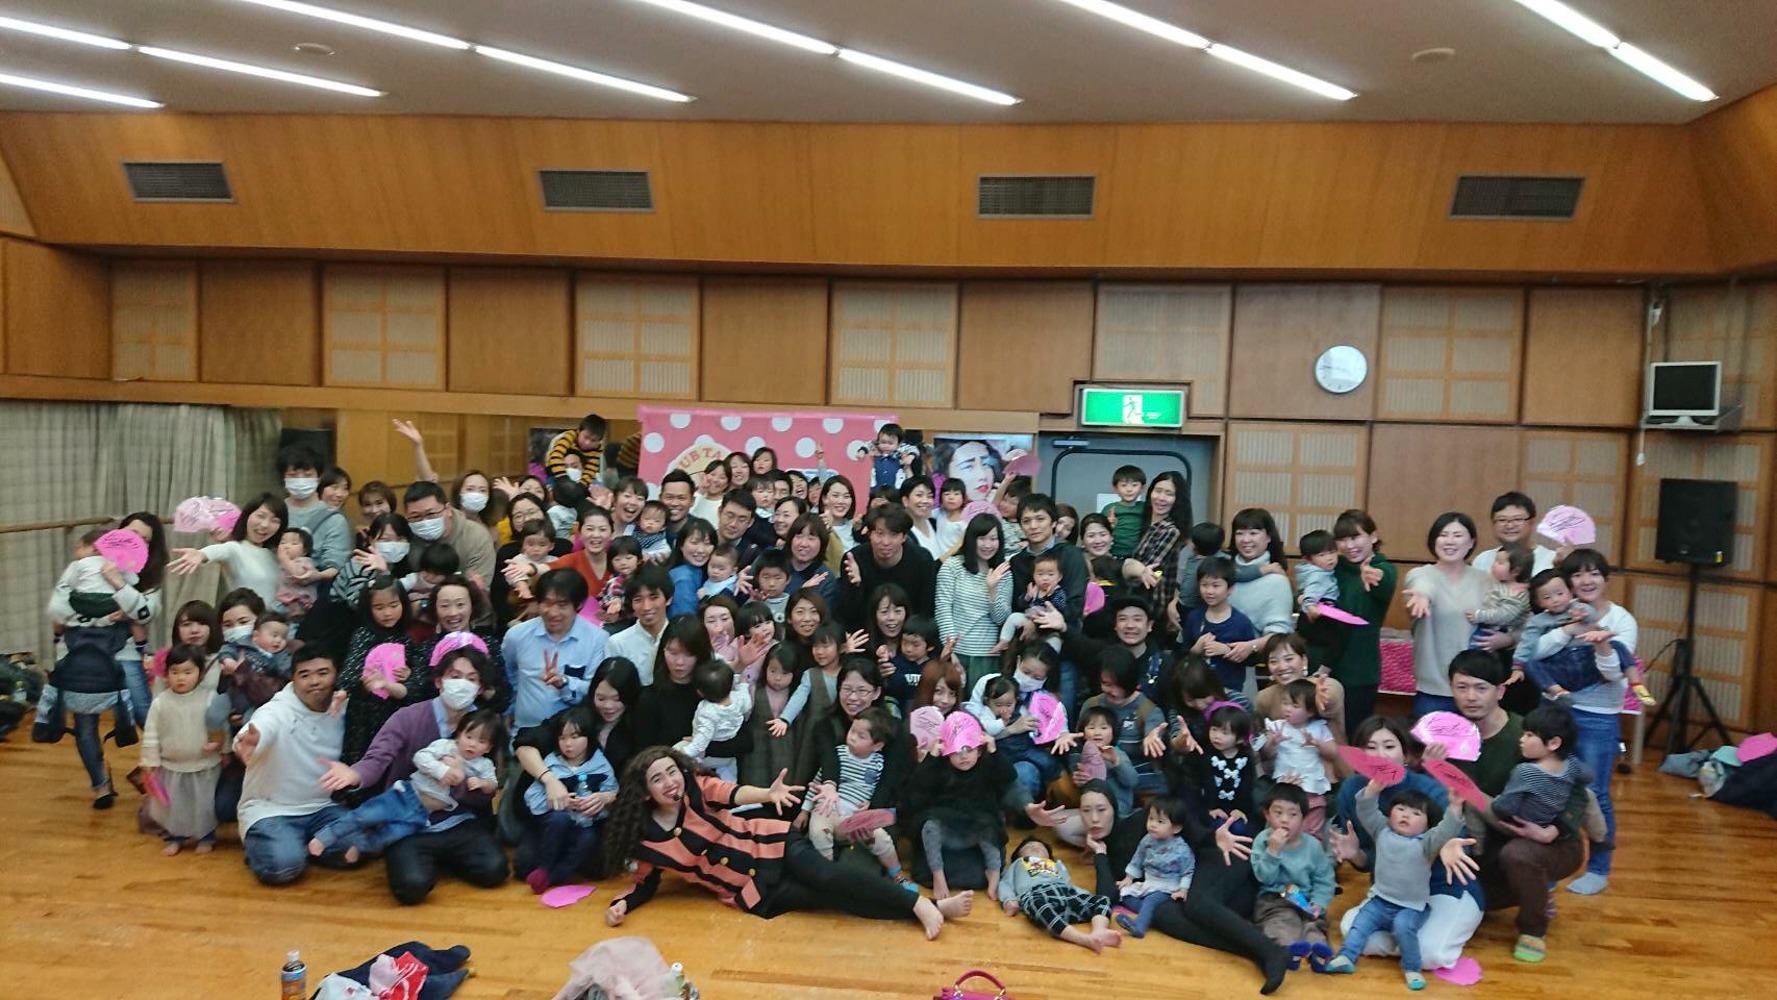 全国ツアーママの笑顔がいちばん岐阜公演開催